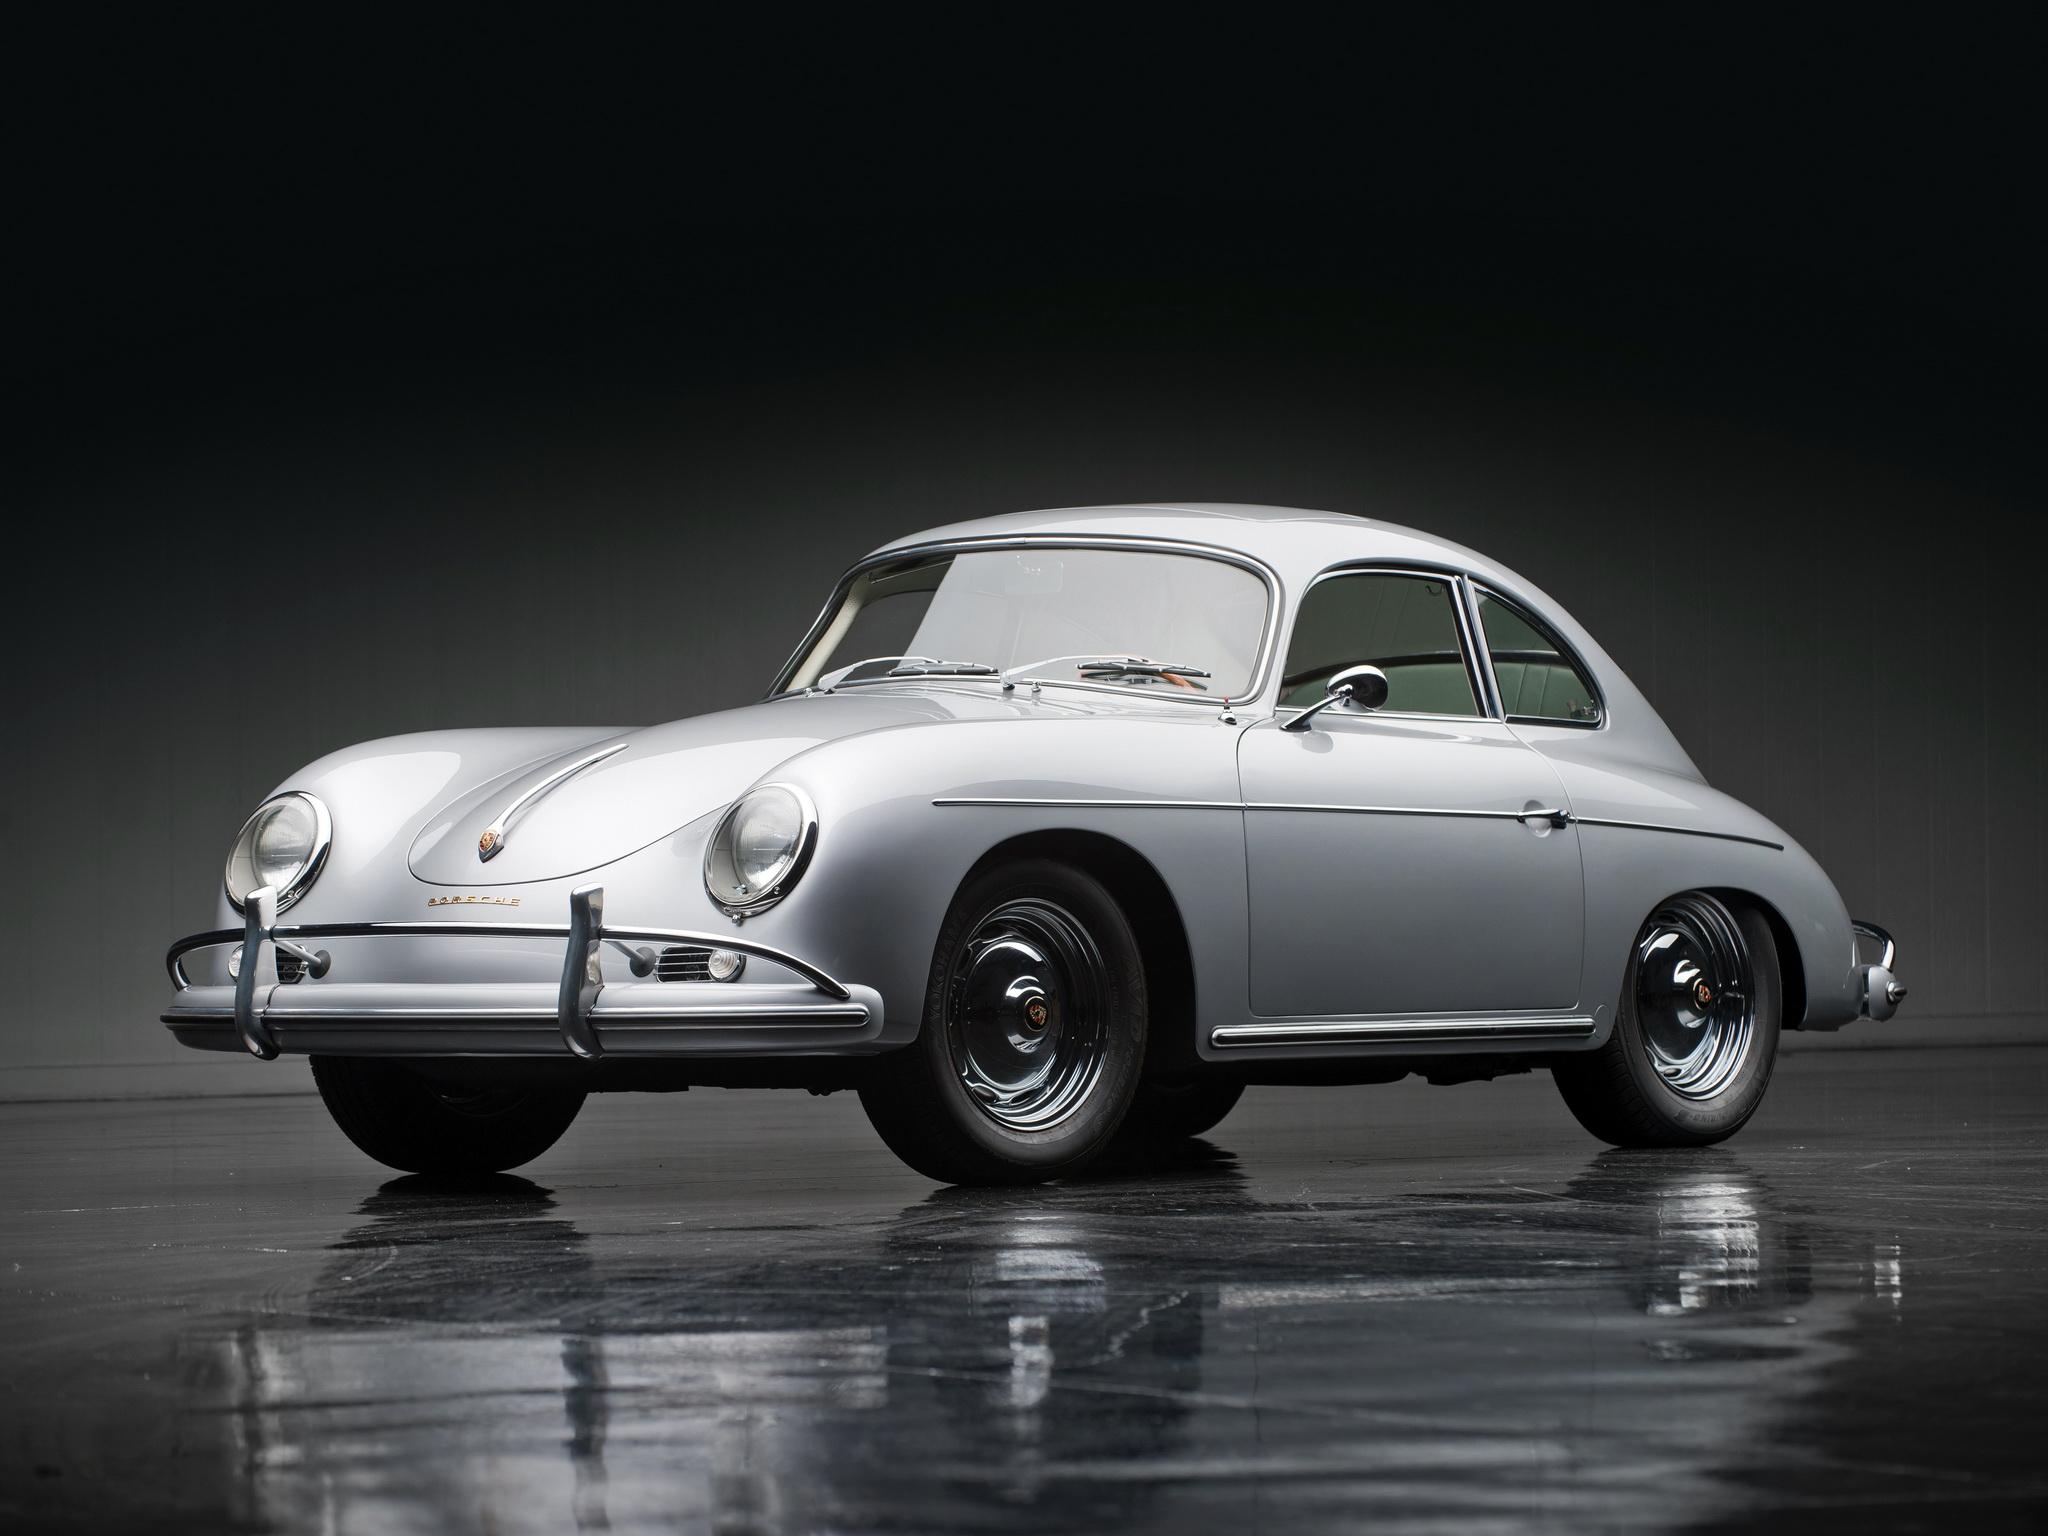 1957 Porsche 356a 1600 Super Coupe Reutter T 2 Retro G